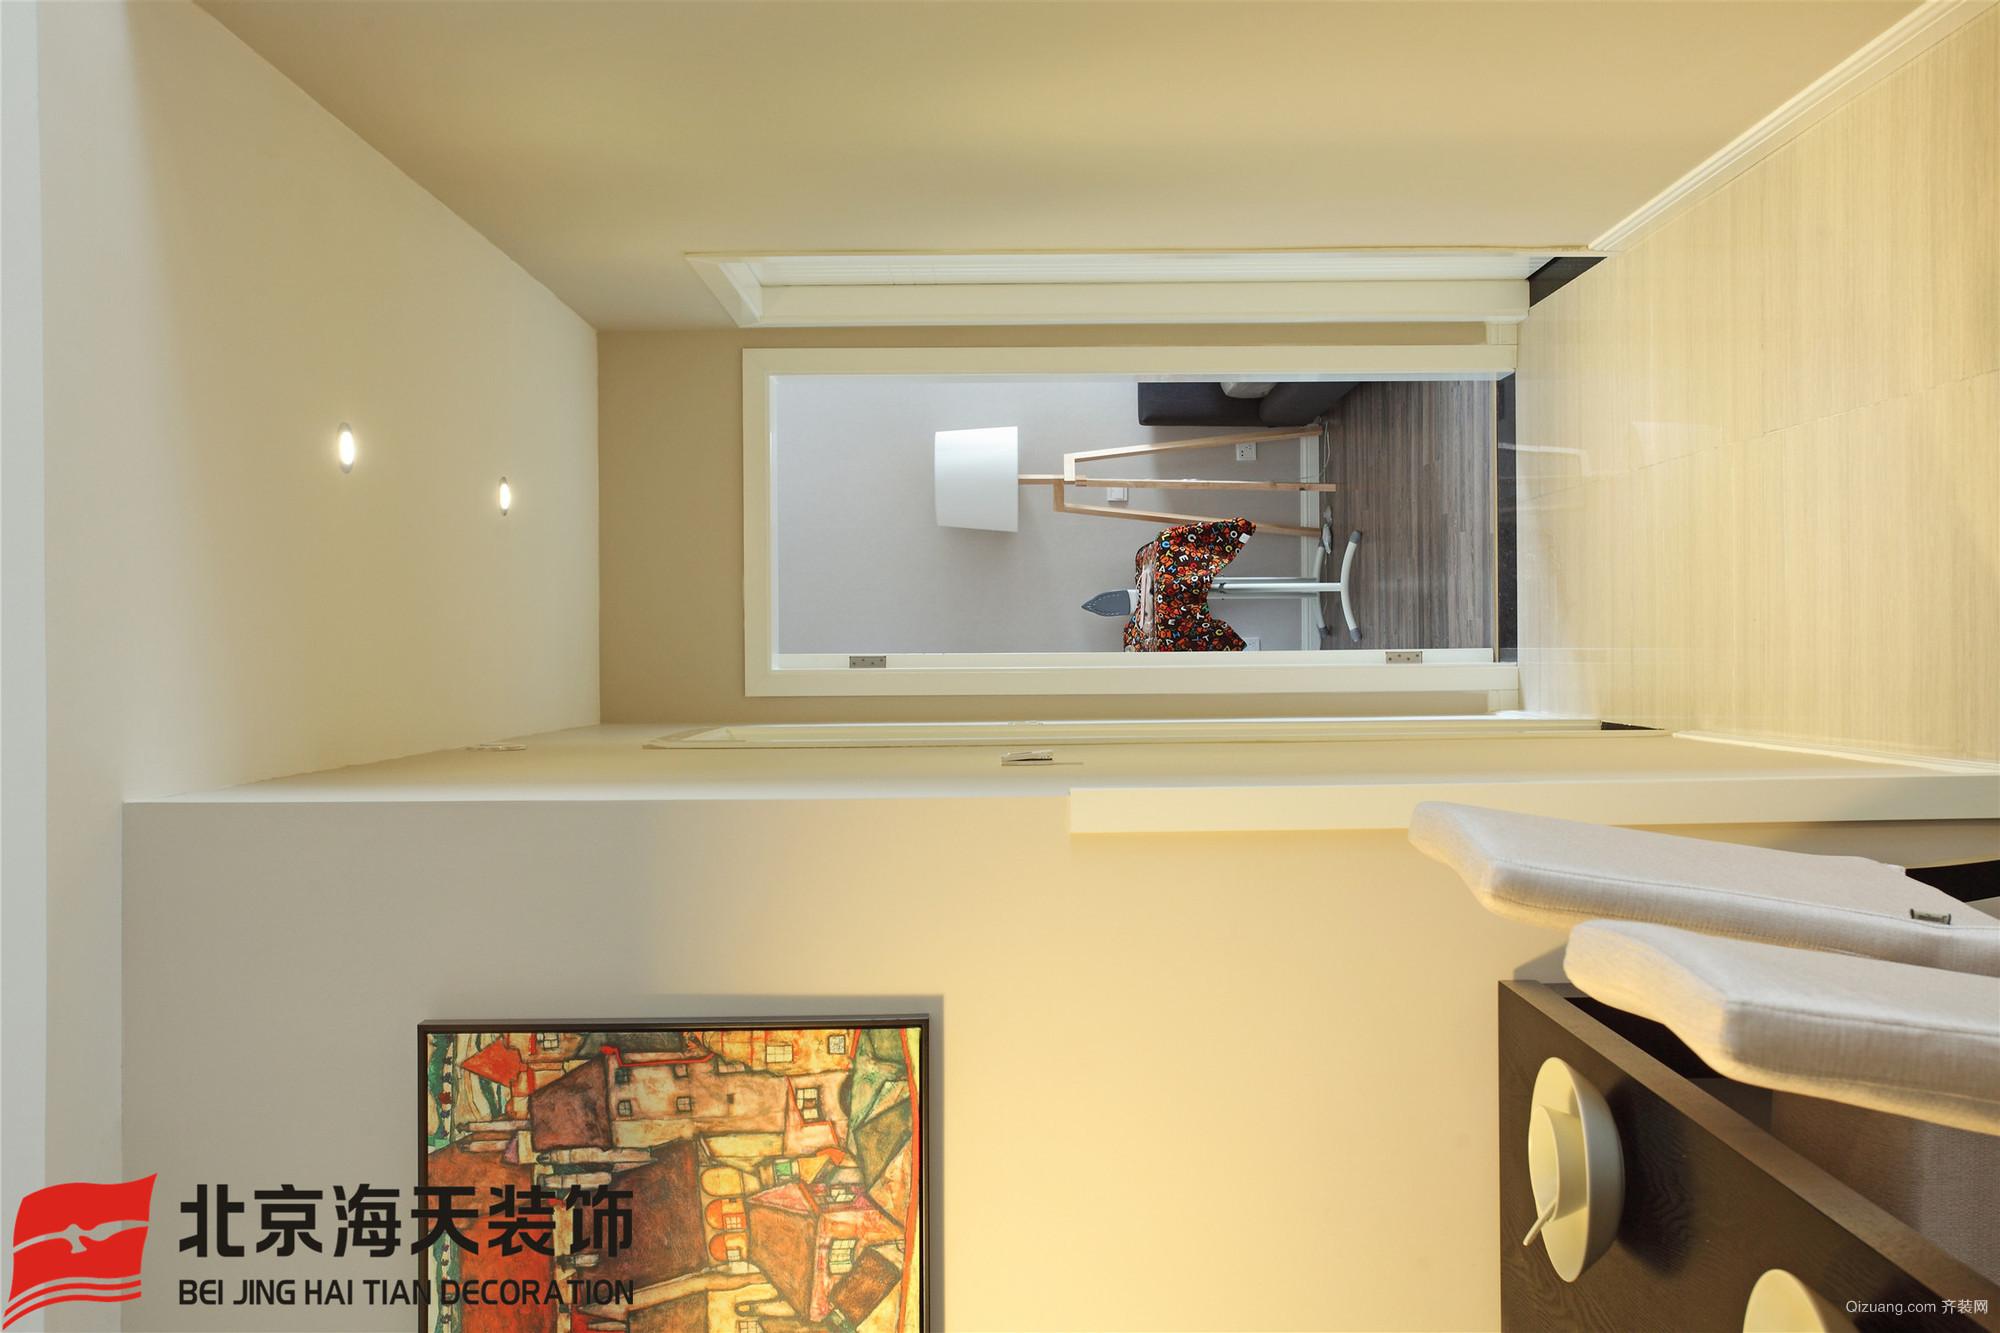 吴都阳光120户型案例现代简约装修效果图实景图